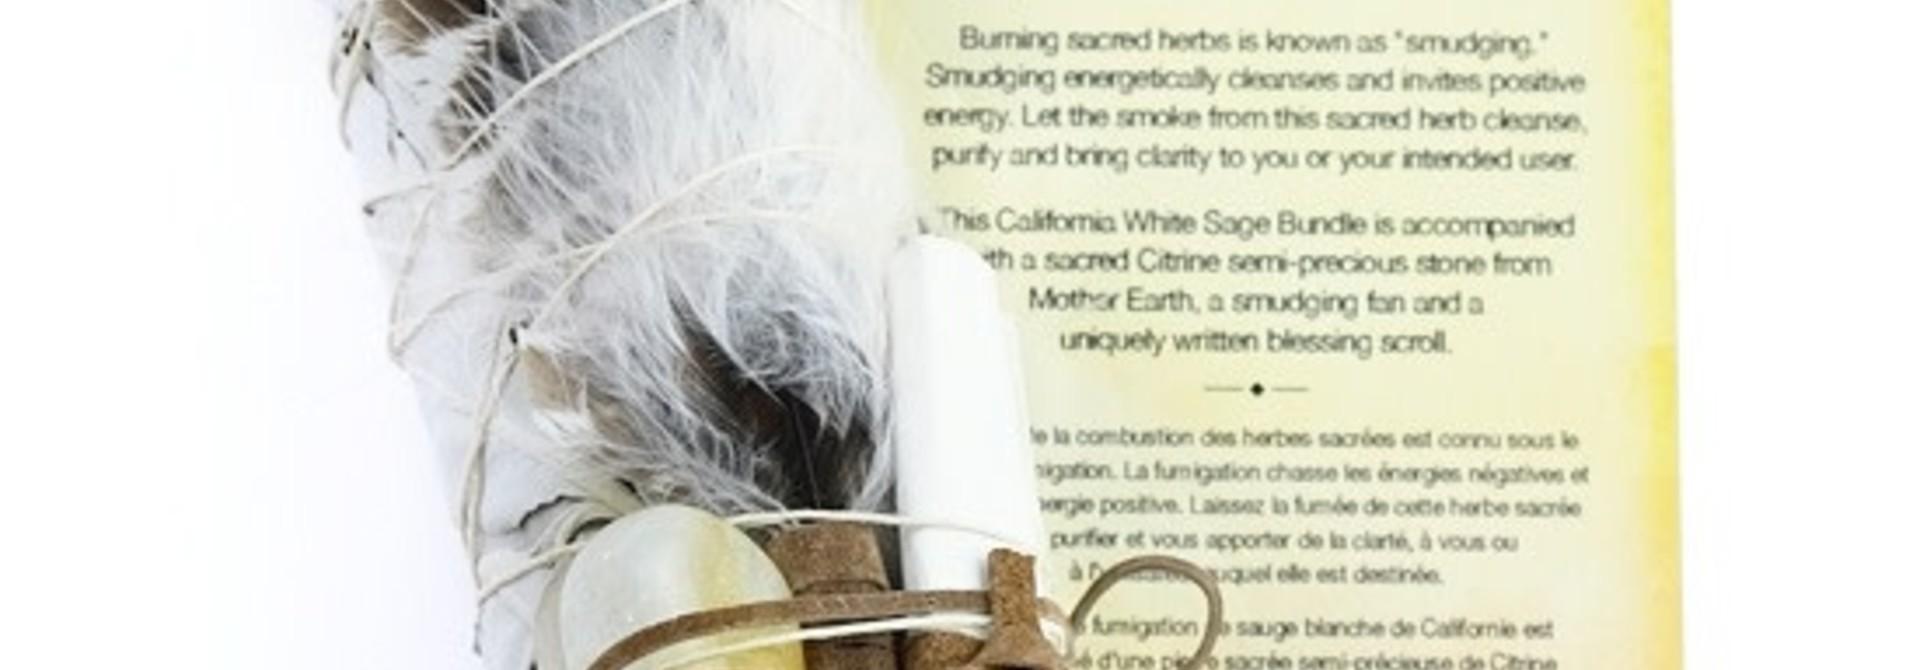 Botanical Blessing Smudge Kit - Citrene Stone